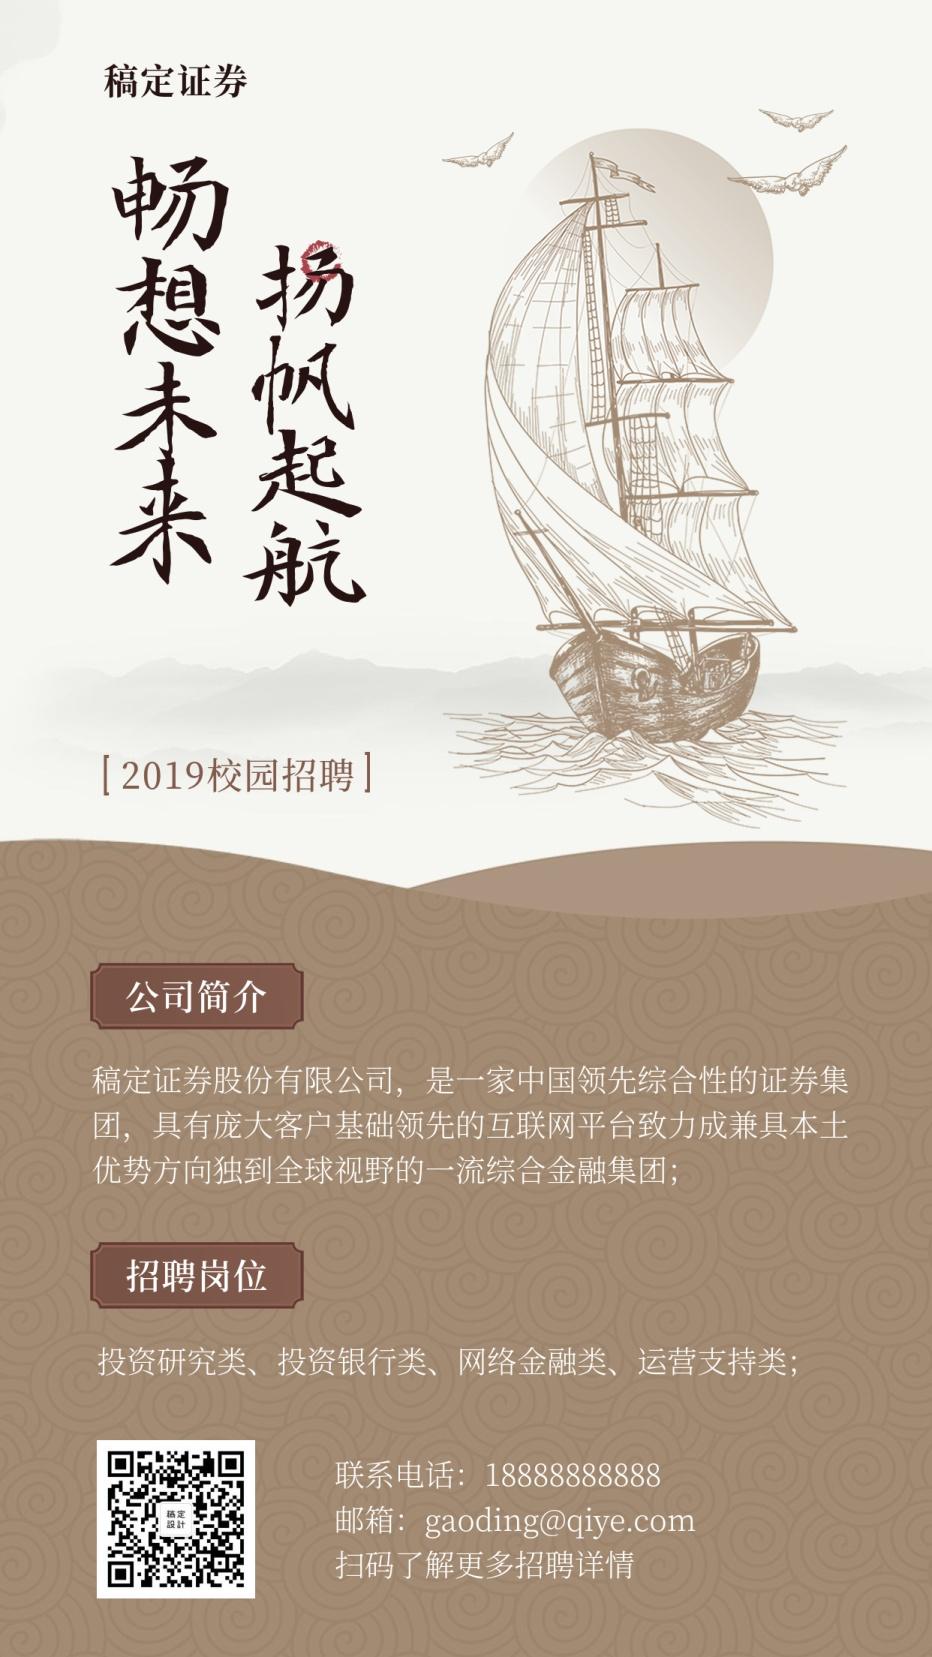 扬帆起航招聘海报